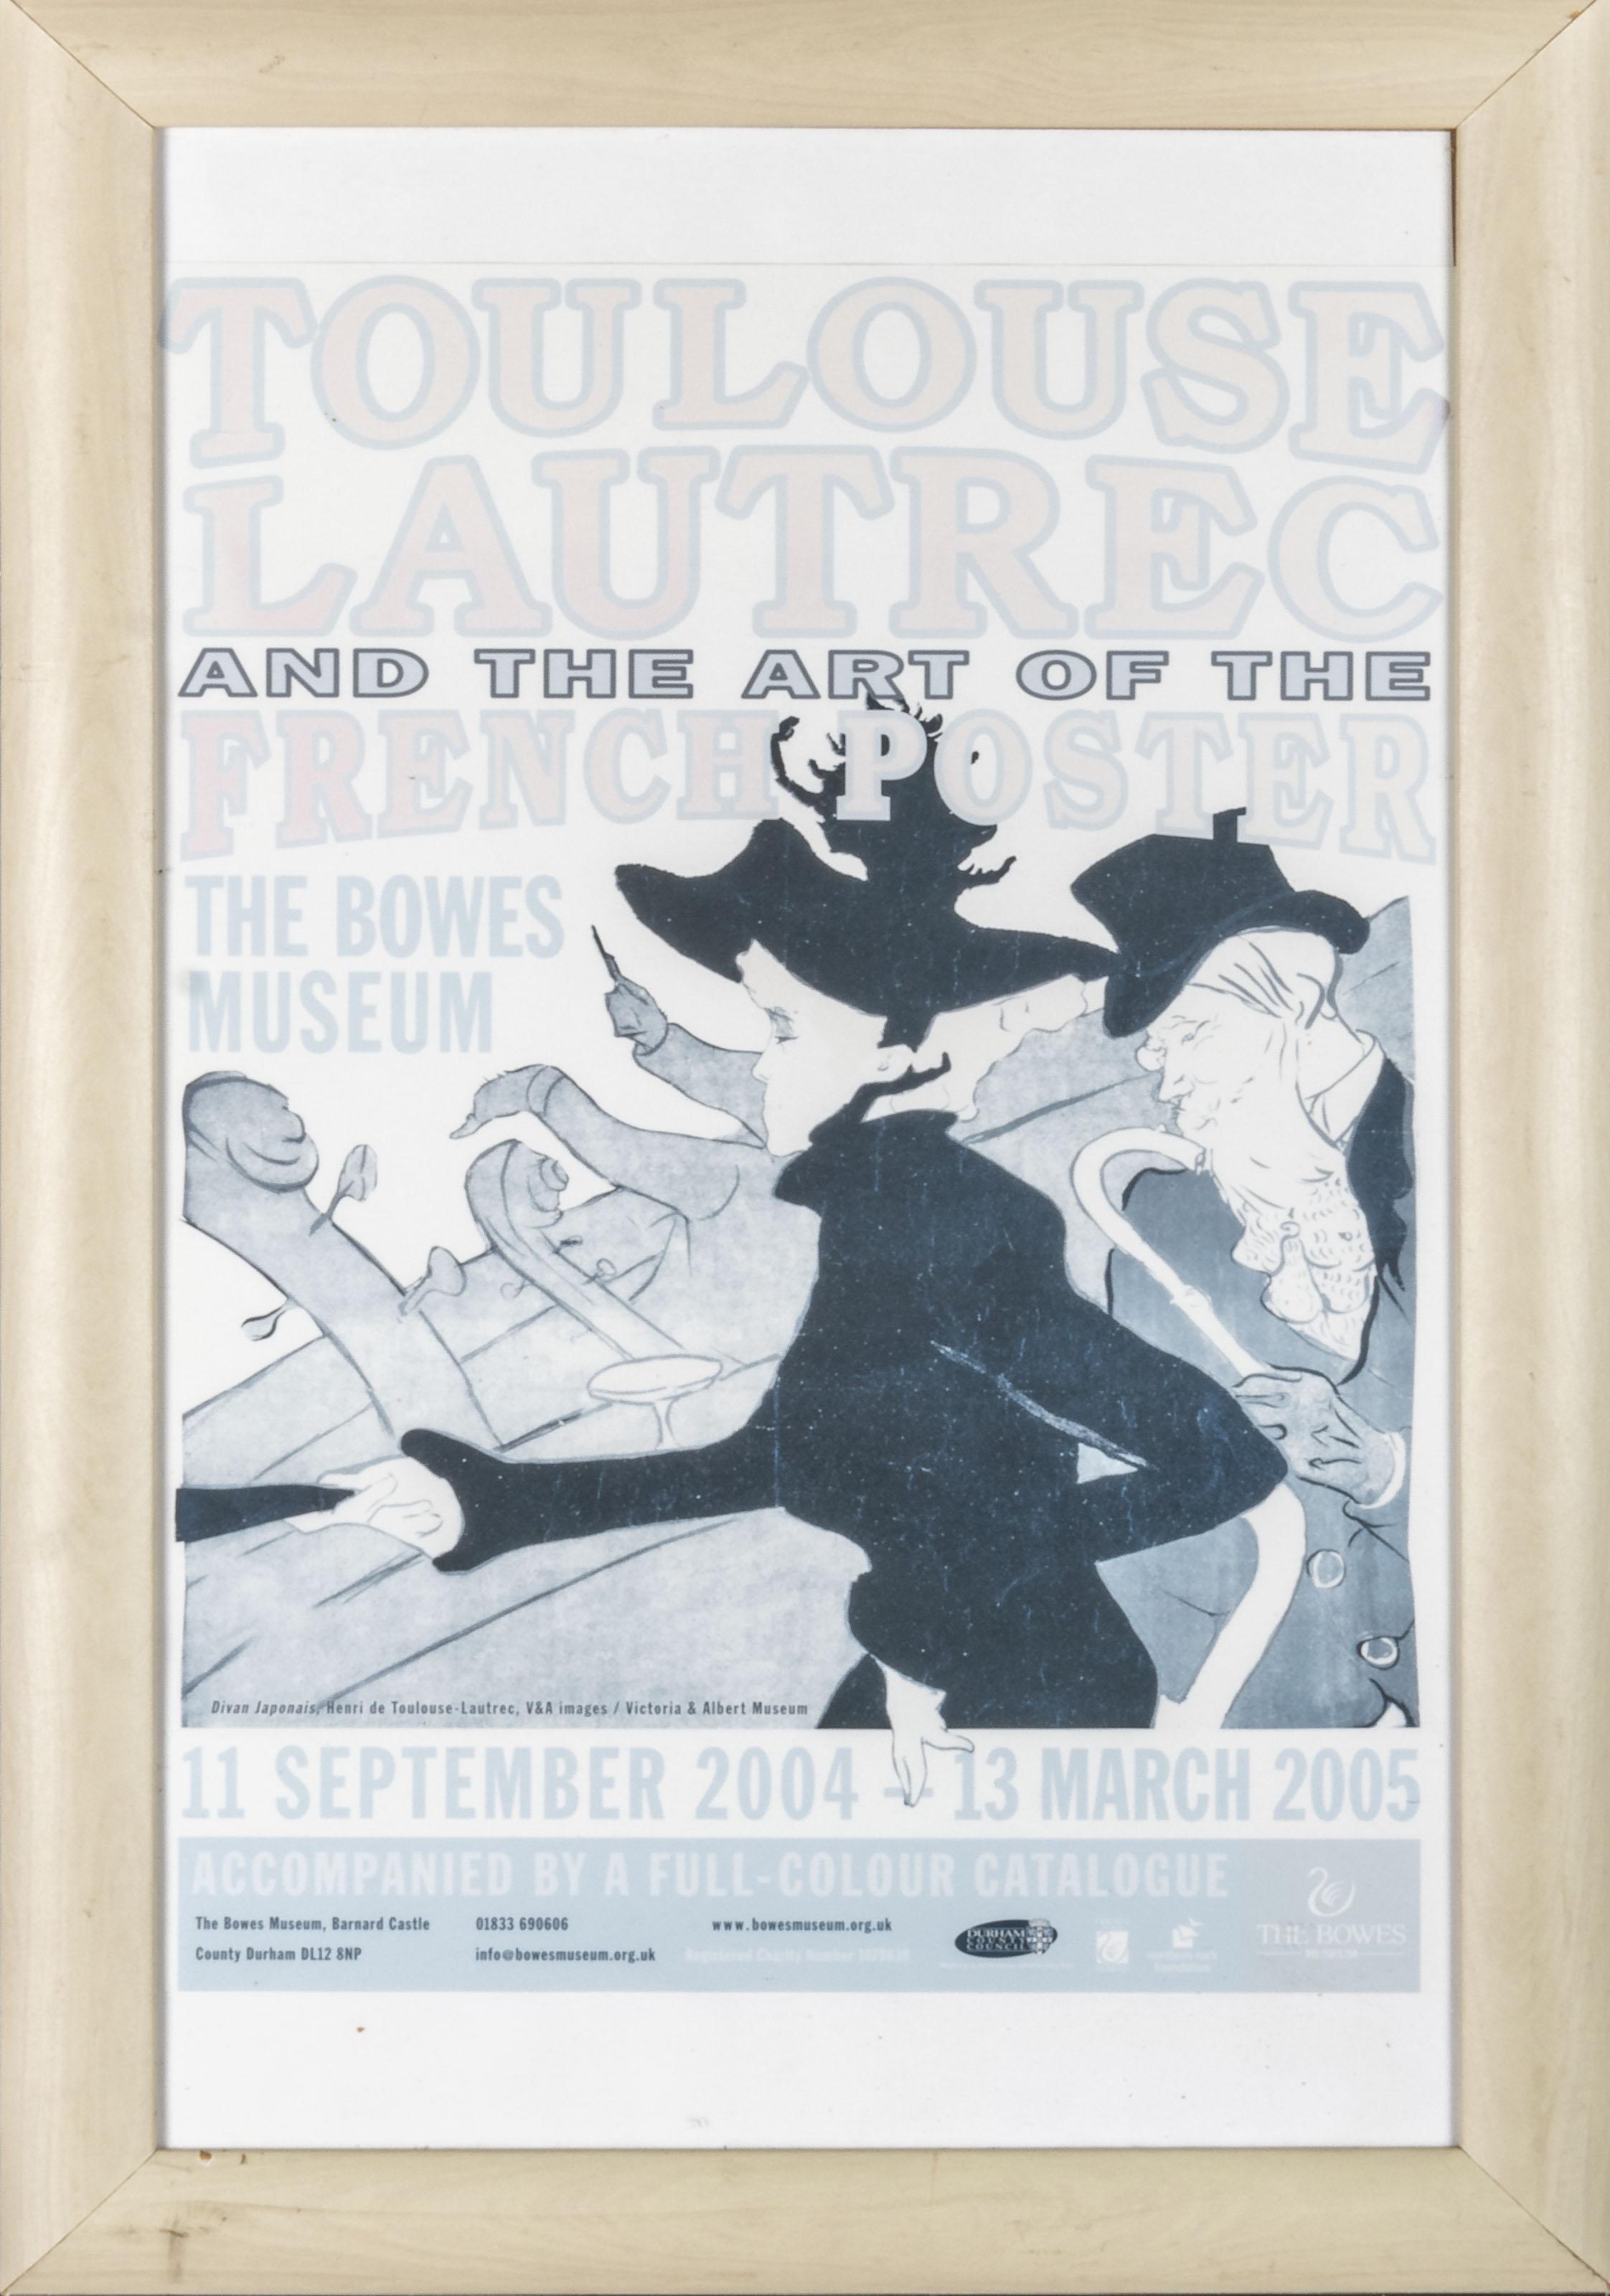 A framed print depicting Toulouse Lautrec 36cm x 56cm